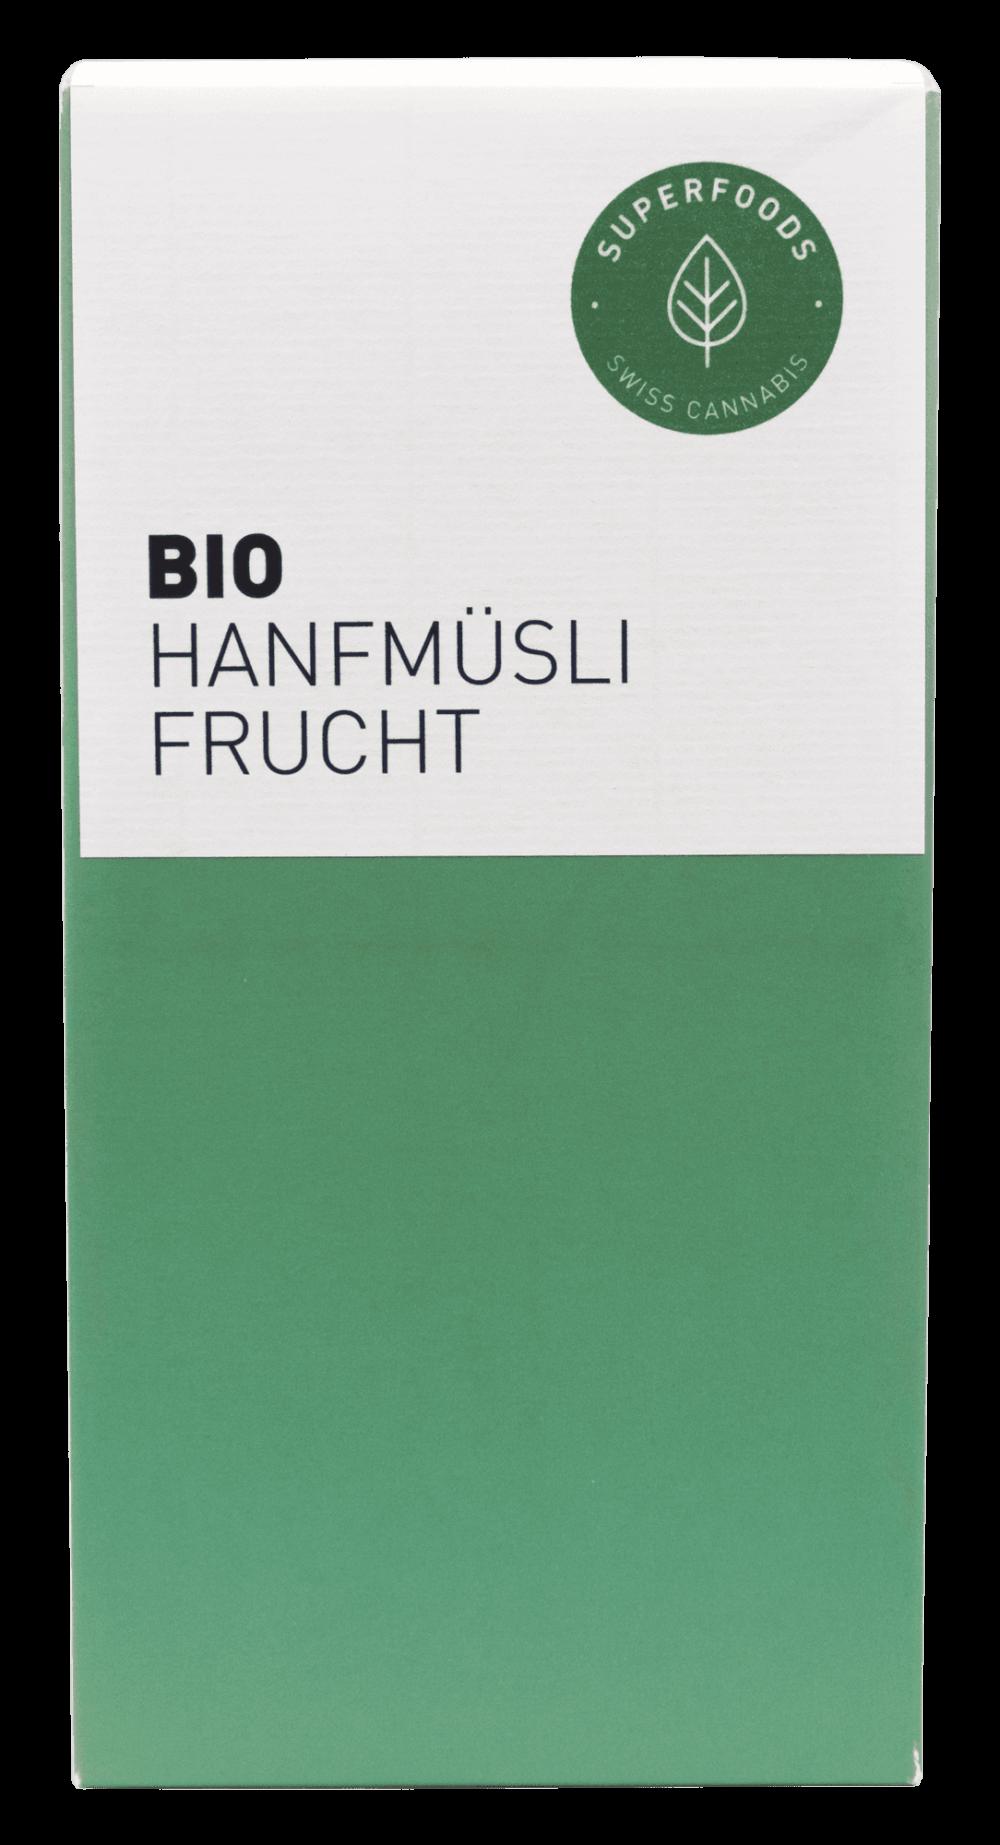 Hanfmüesli Früchte CBD Hanf Schweiz online kaufen